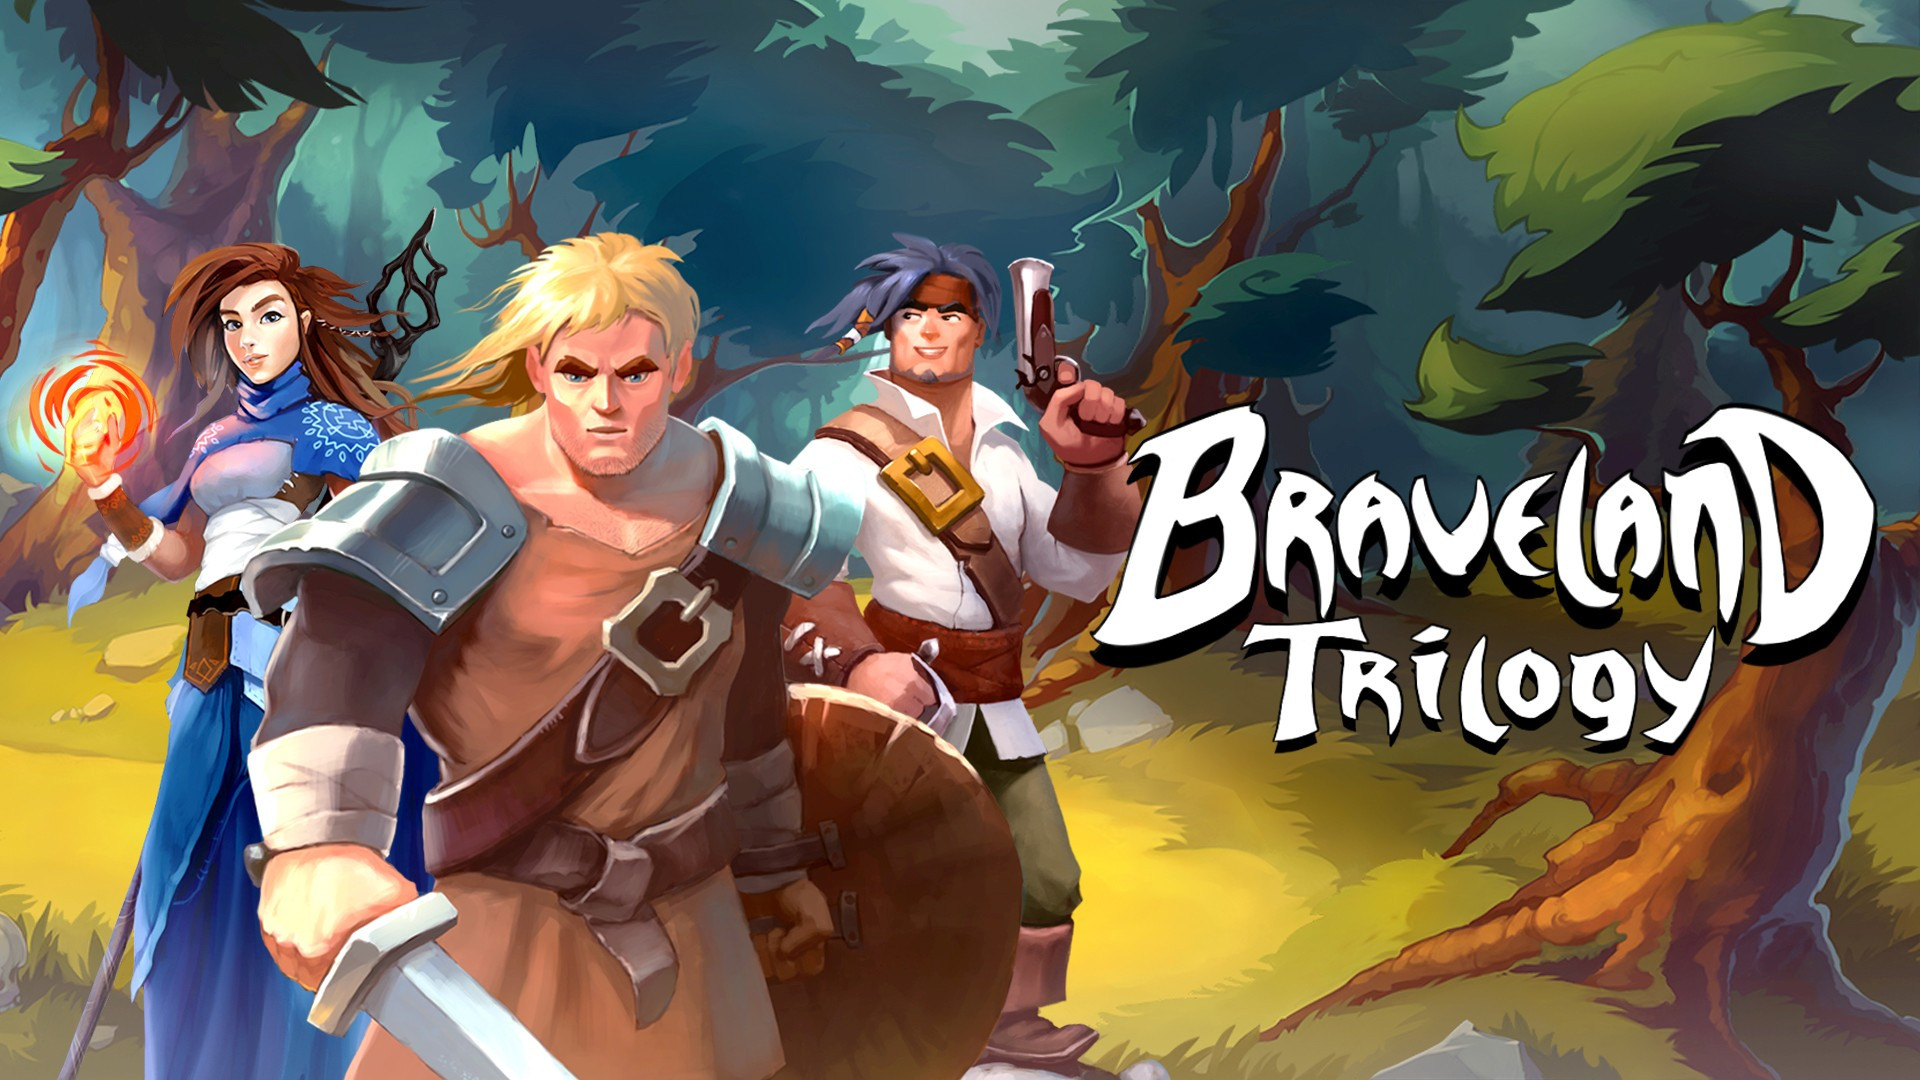 Três histórias de aventura brilhantes no jogo de estratégia baseado em turnos da Braveland Trilogy